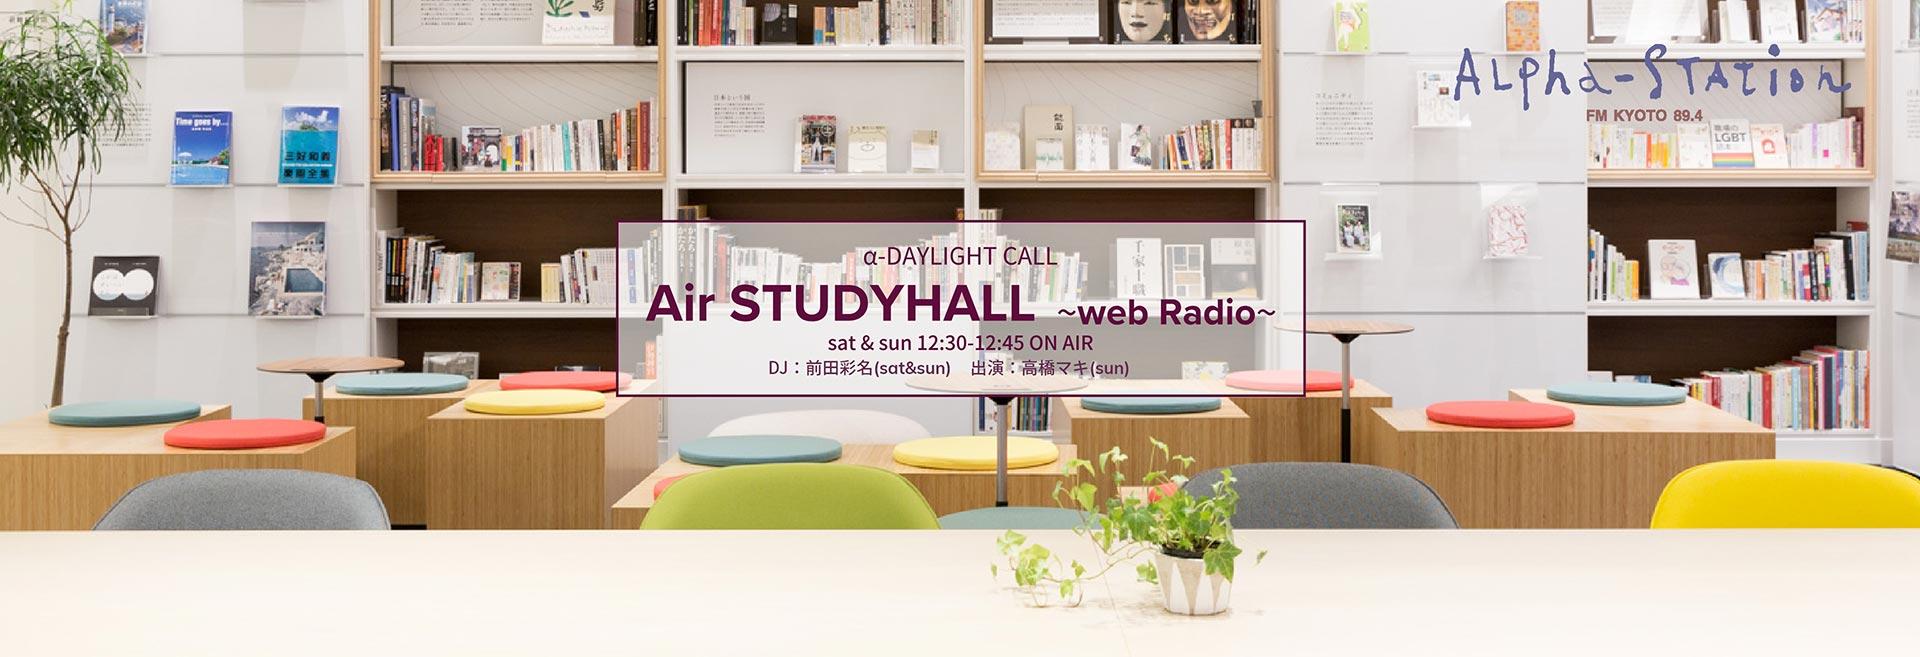 Air STUDYHALL